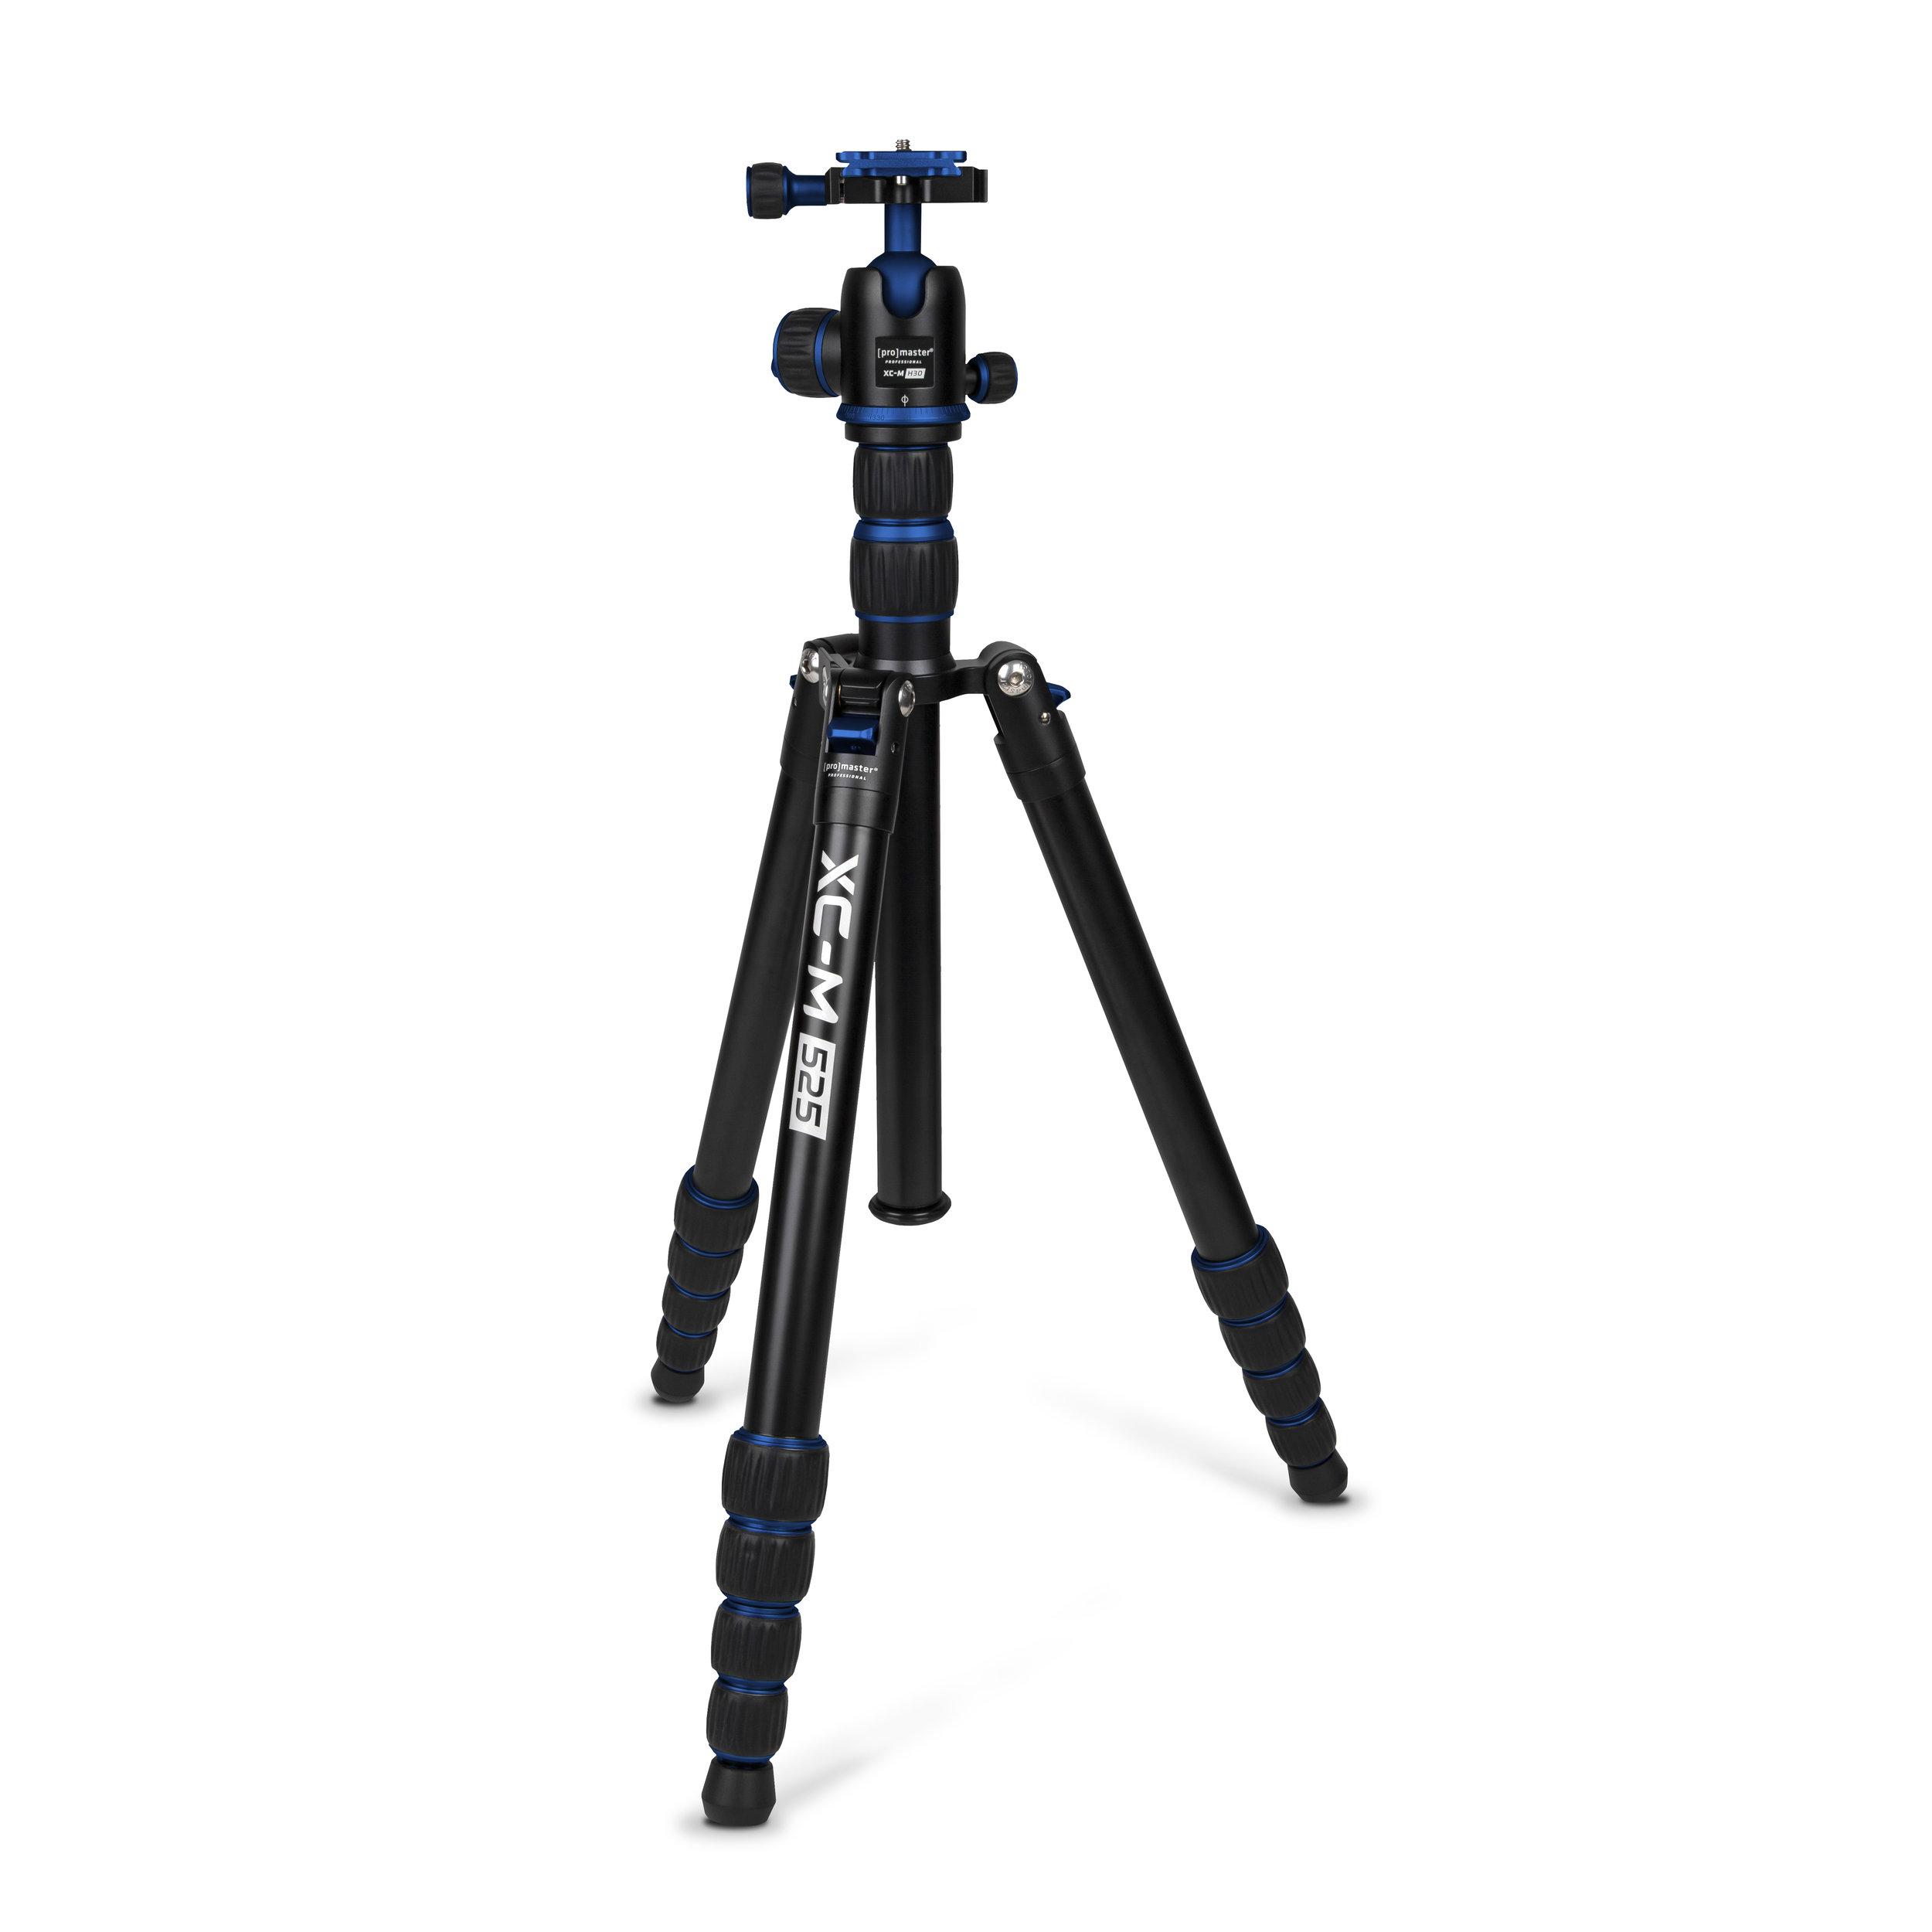 XC-M 525 ALUMINUM - BLUE   $179.95